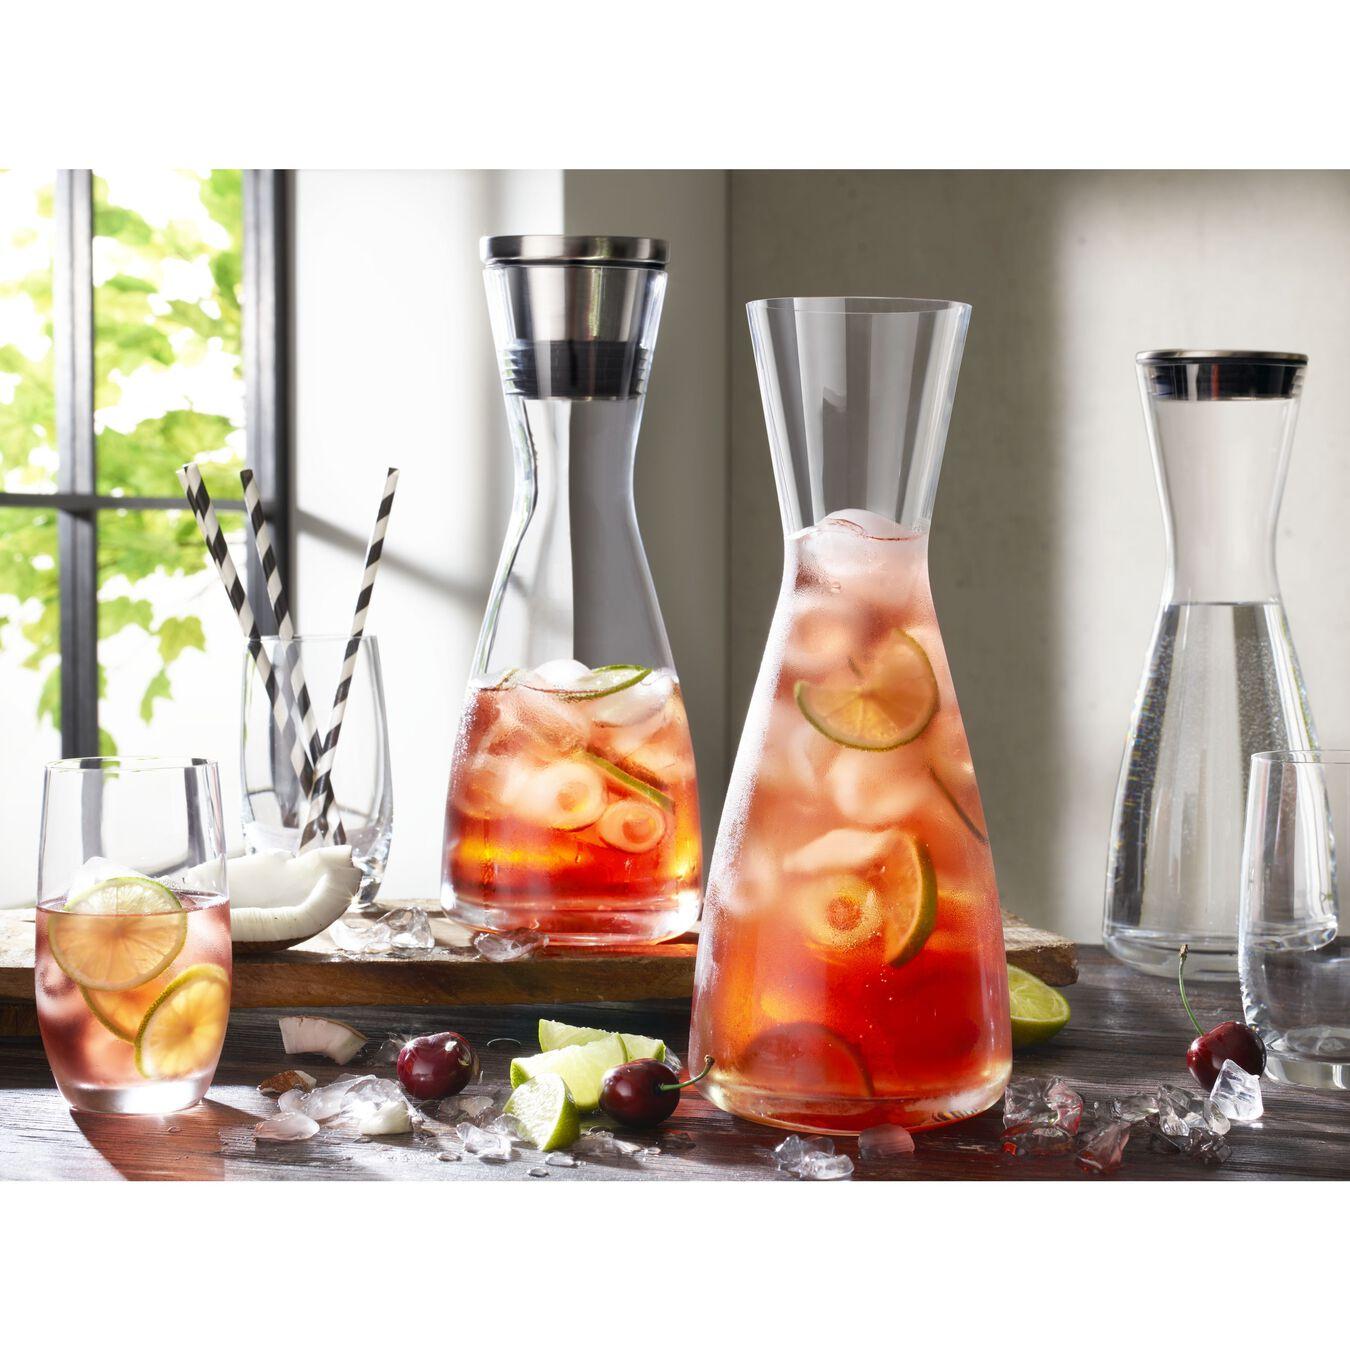 Glaskaraffe mit Ausgießdeckel 1 l, Cristallinglas,,large 3